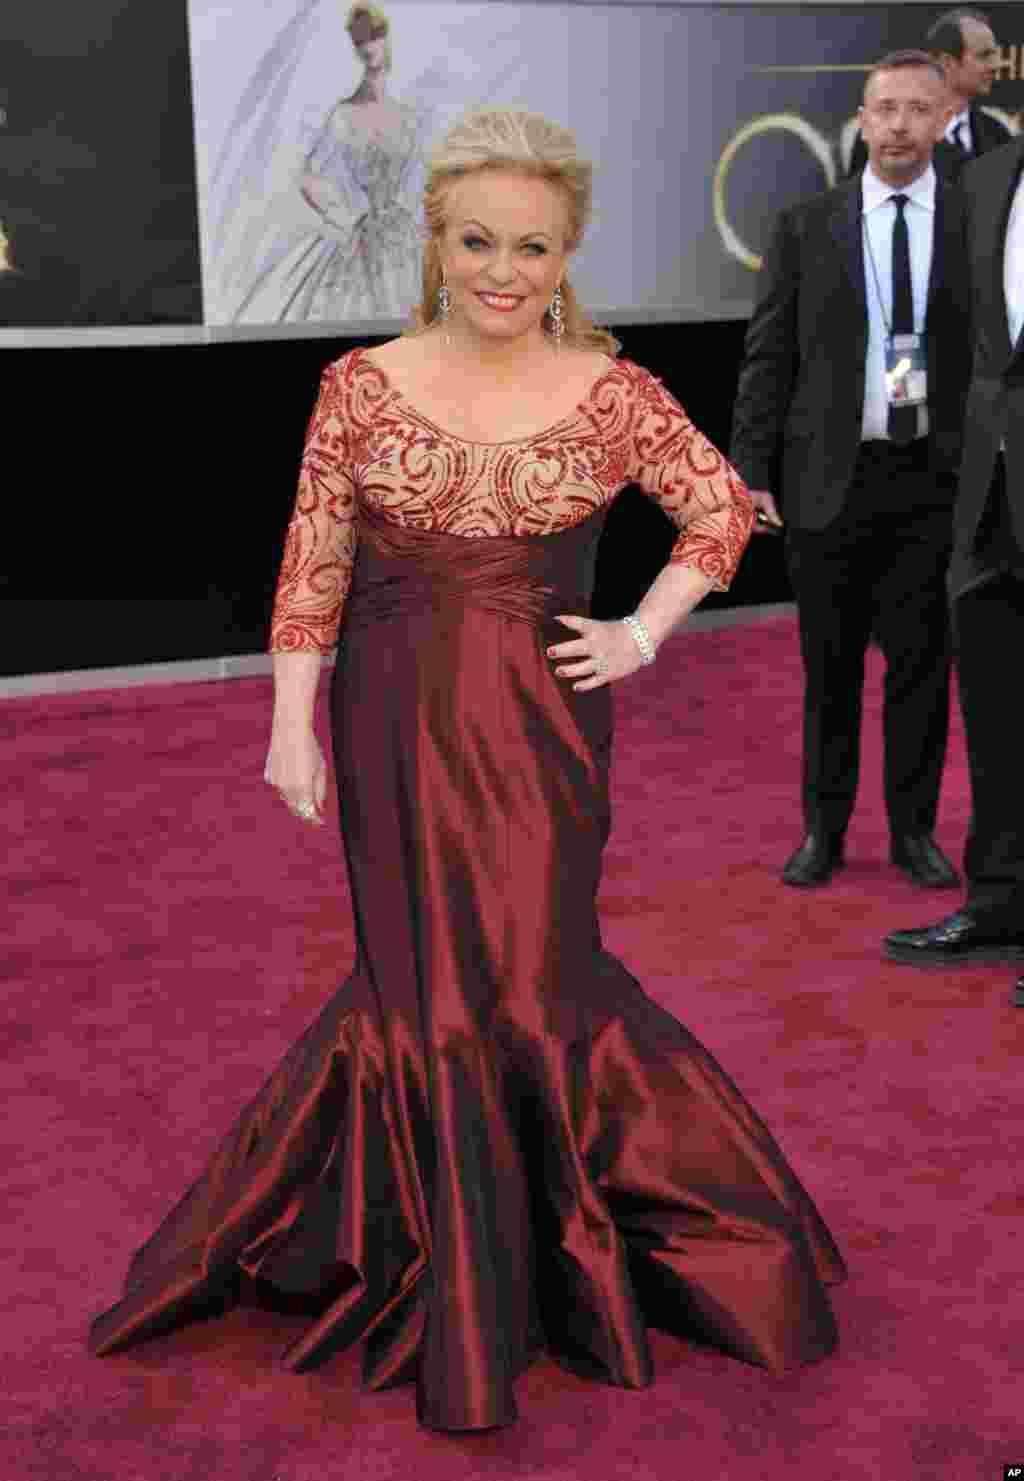 جکی ویور که نامزد دریافت جایزه اسکار بهترین بازیگر نقش مکمل زن شد، در فیلم دفترچه امیدبخش نقش ایفا کرده است.